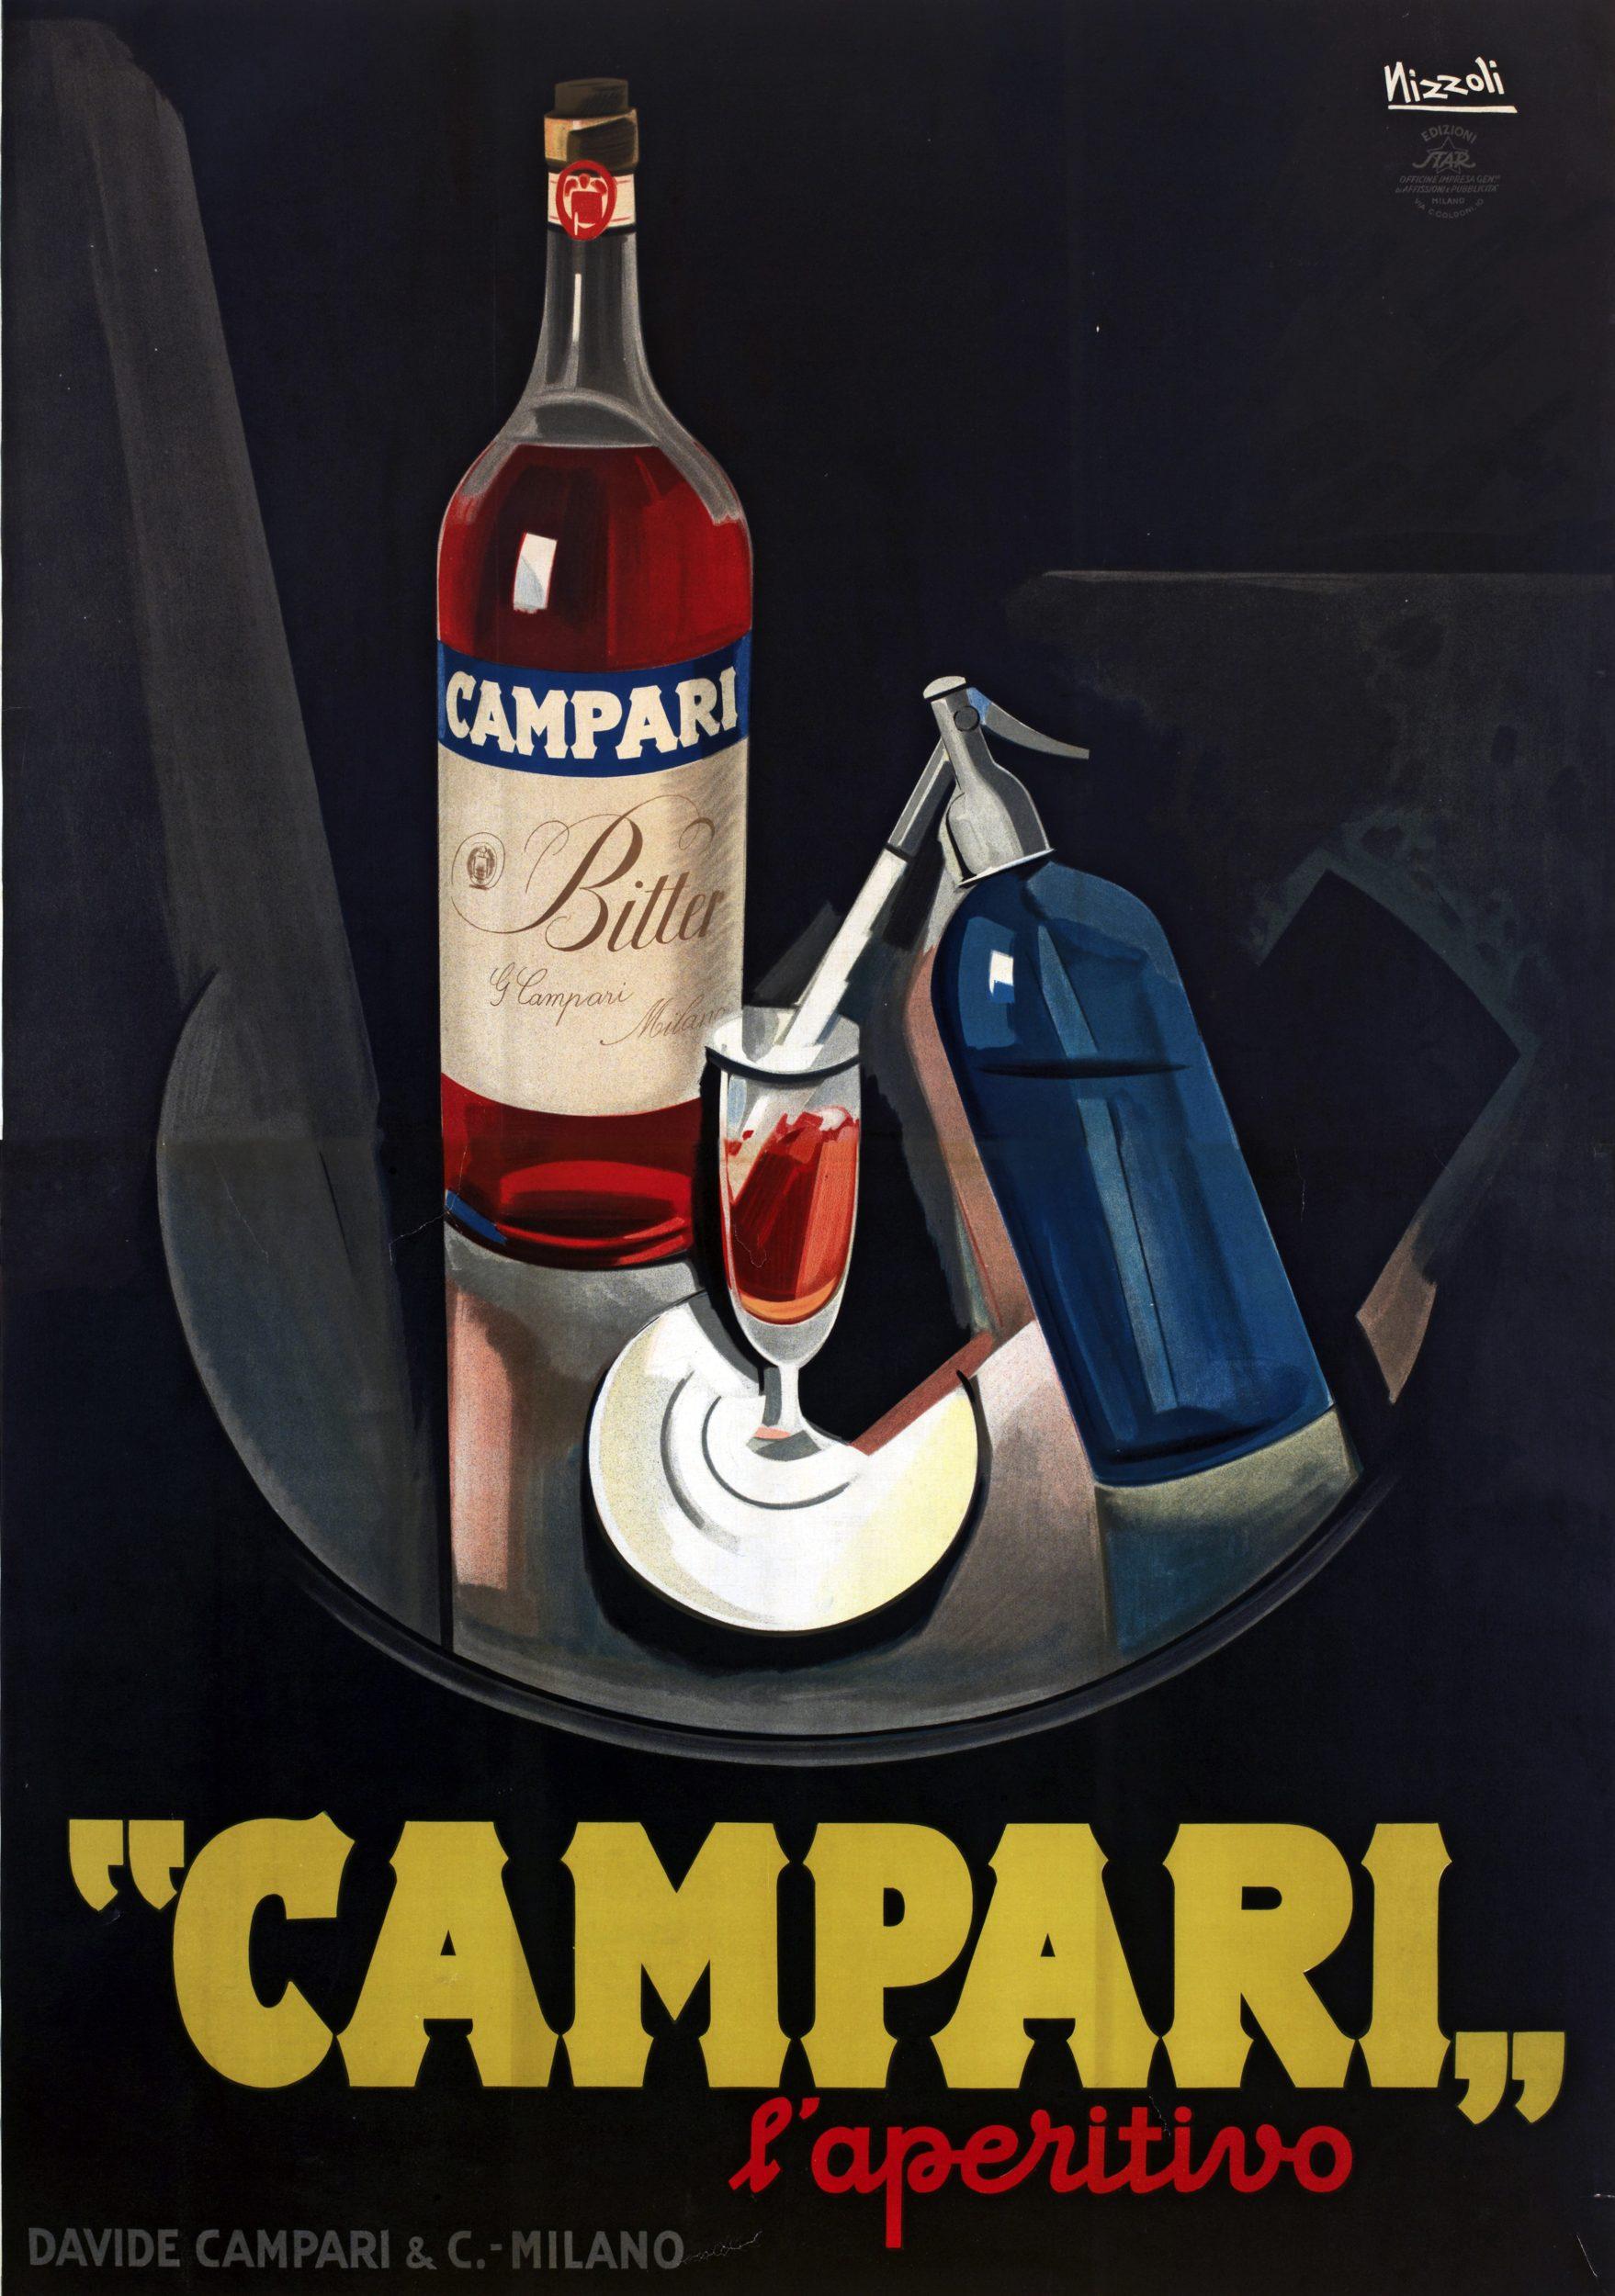 Campari l'aperitivo, 1925, Marcello Nizzoli